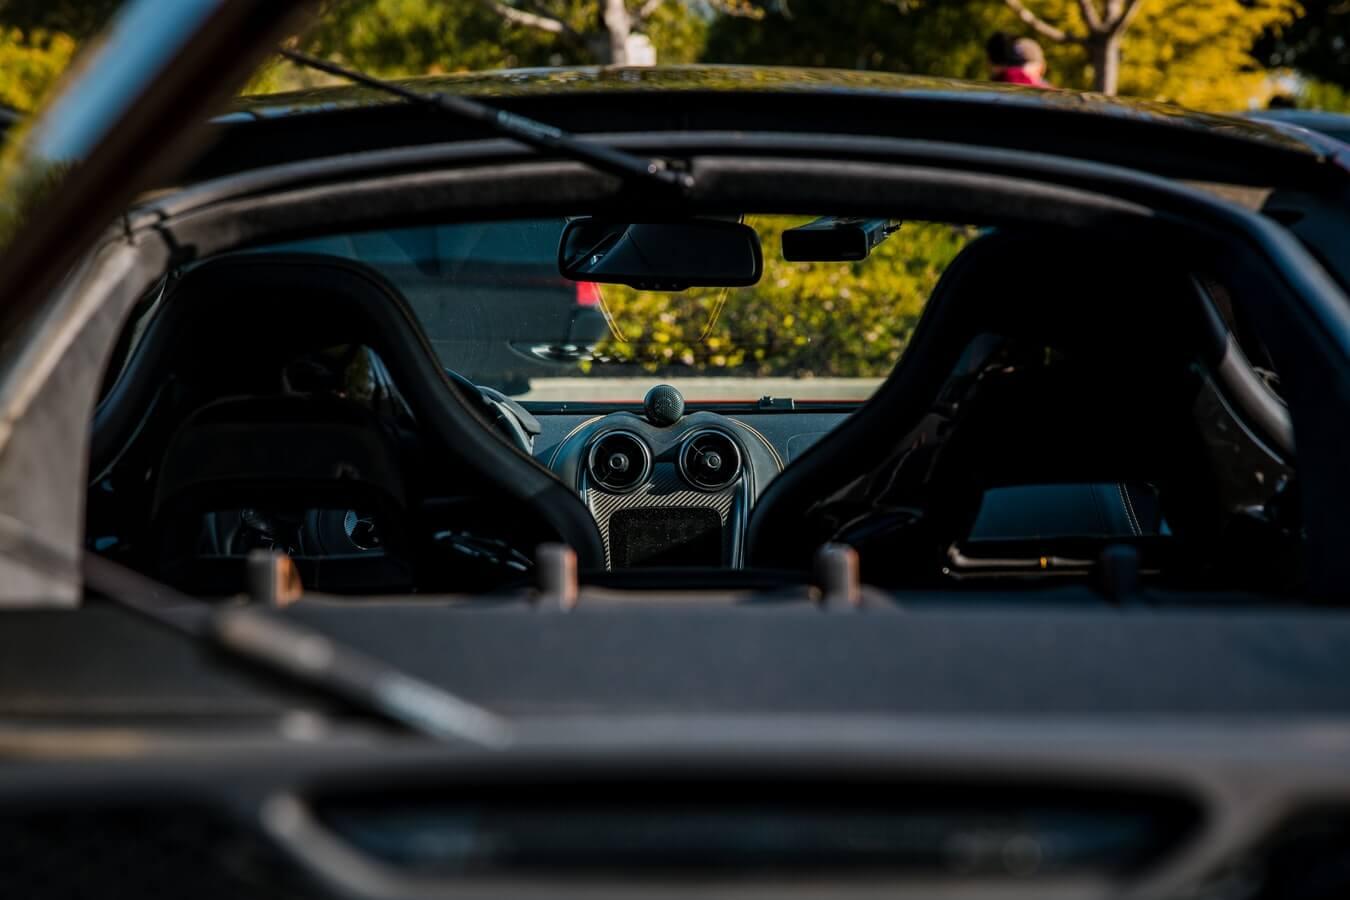 Imagem traseira da parte interna de um carro